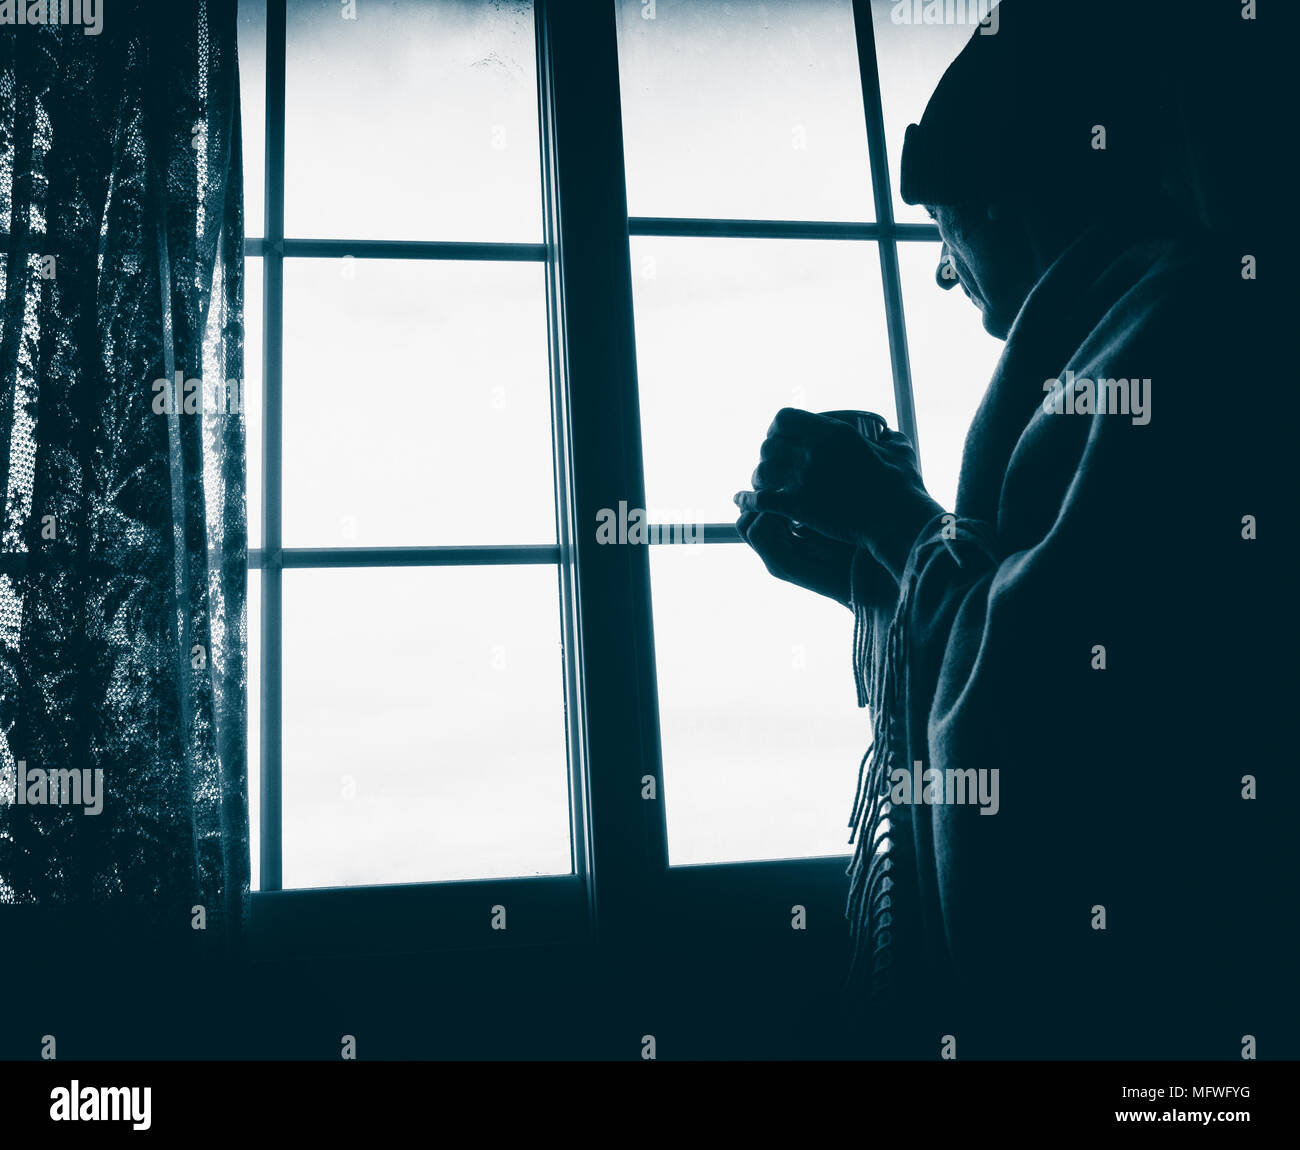 Uomo maturo coppa di ritegno guardando fuori della finestra: la solitudine, la salute mentale che vivono da soli,...Concetto di immagine Immagini Stock